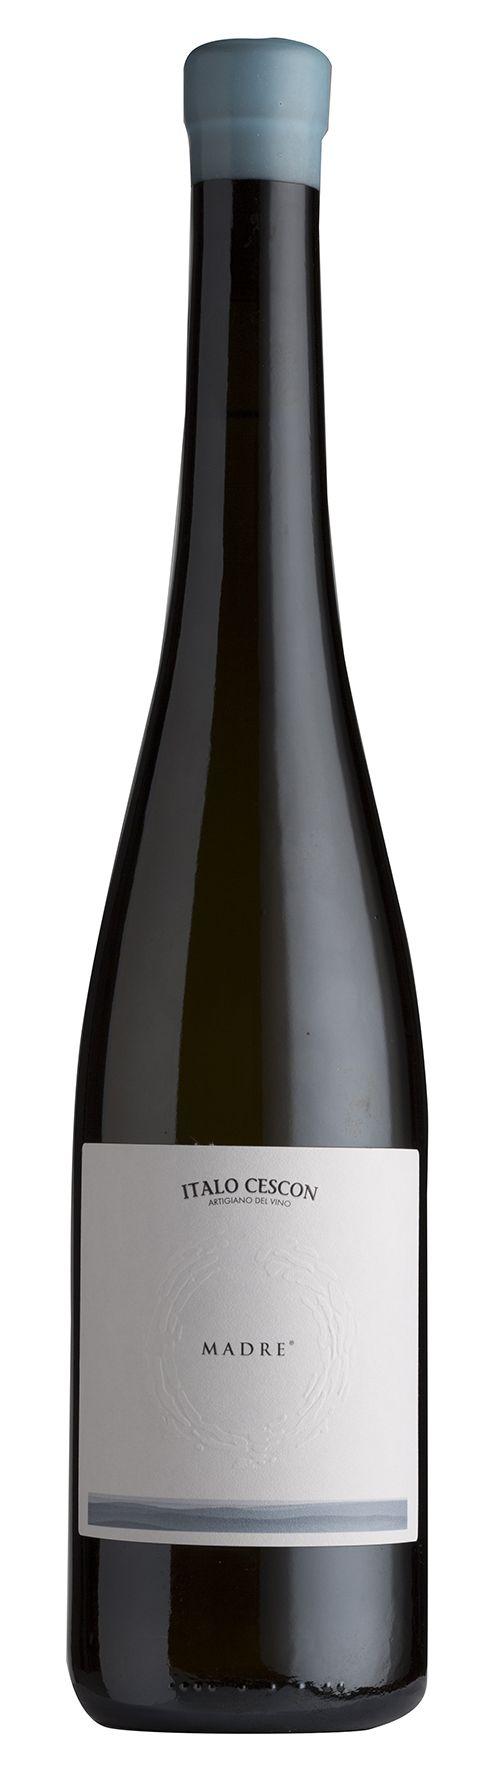 Italo Cescon - Madre #winelabel #winedesign #italianwine #Francescon #Collodi #francesconcollodi